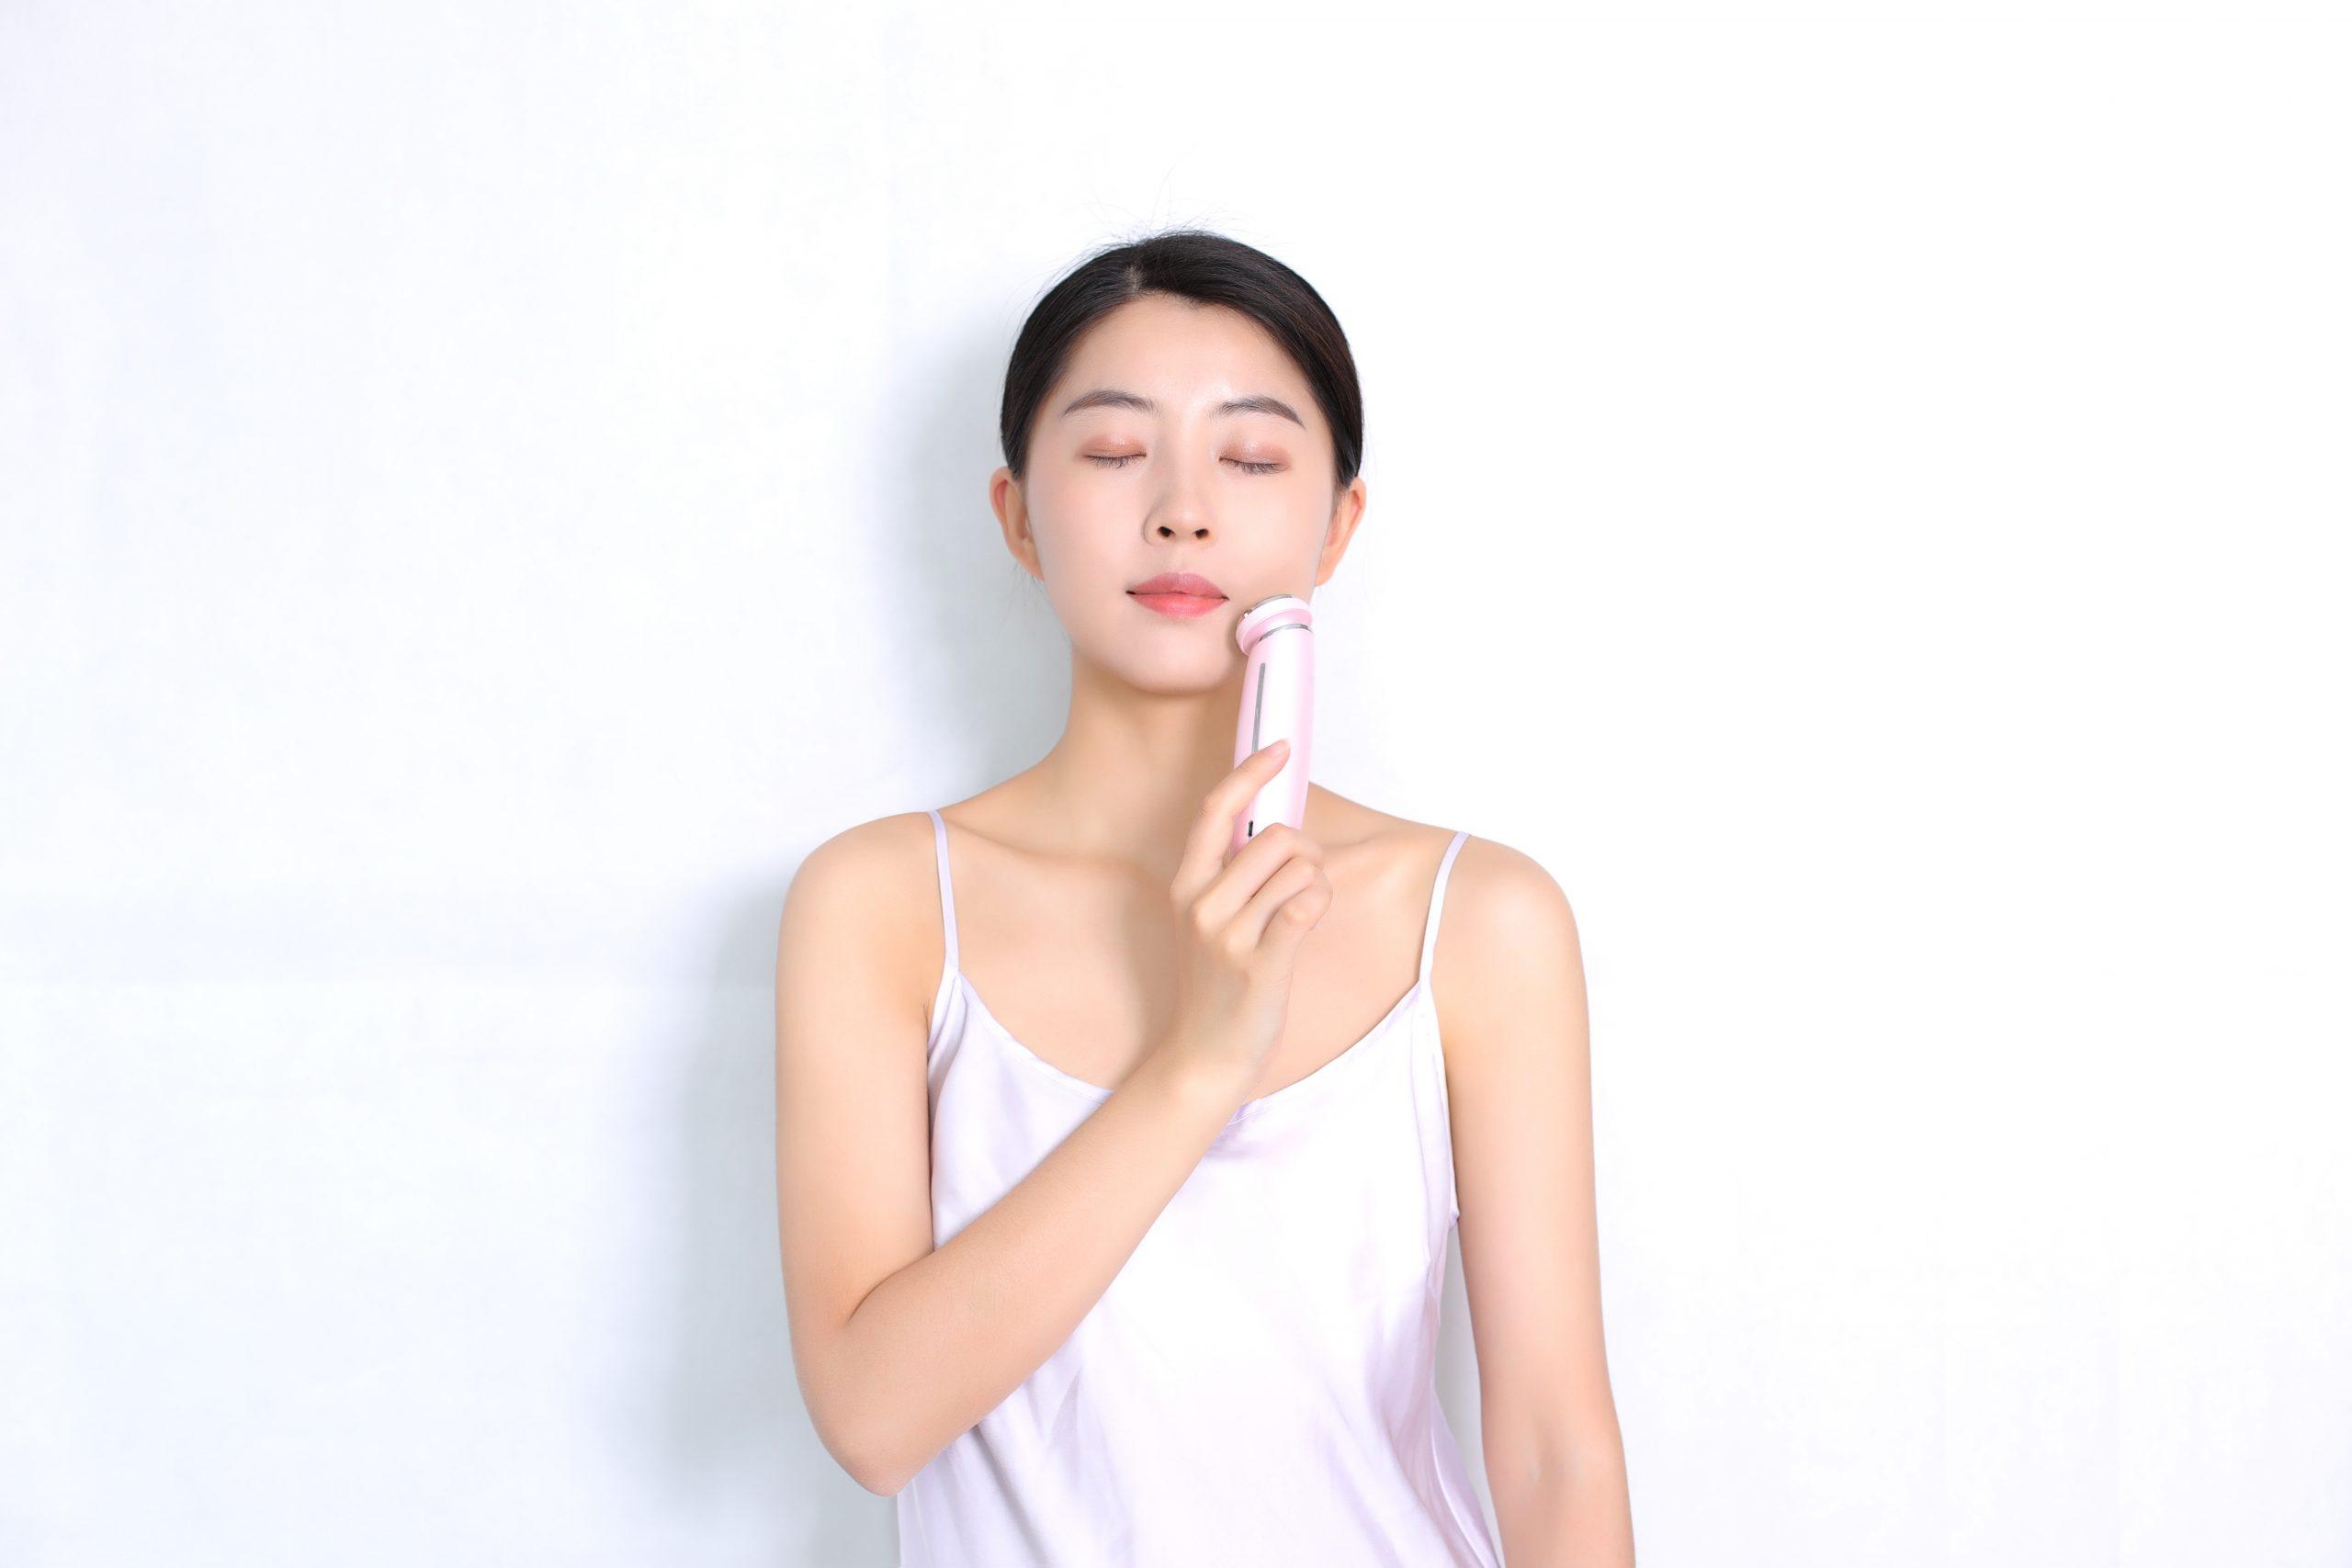 микротоковый прибор для лифтинга, Аппарат ультразвукового лифтинга, Sono, лифтинг лица, подтяжка кожи лица, Lifting Lab, разглаживание морщин